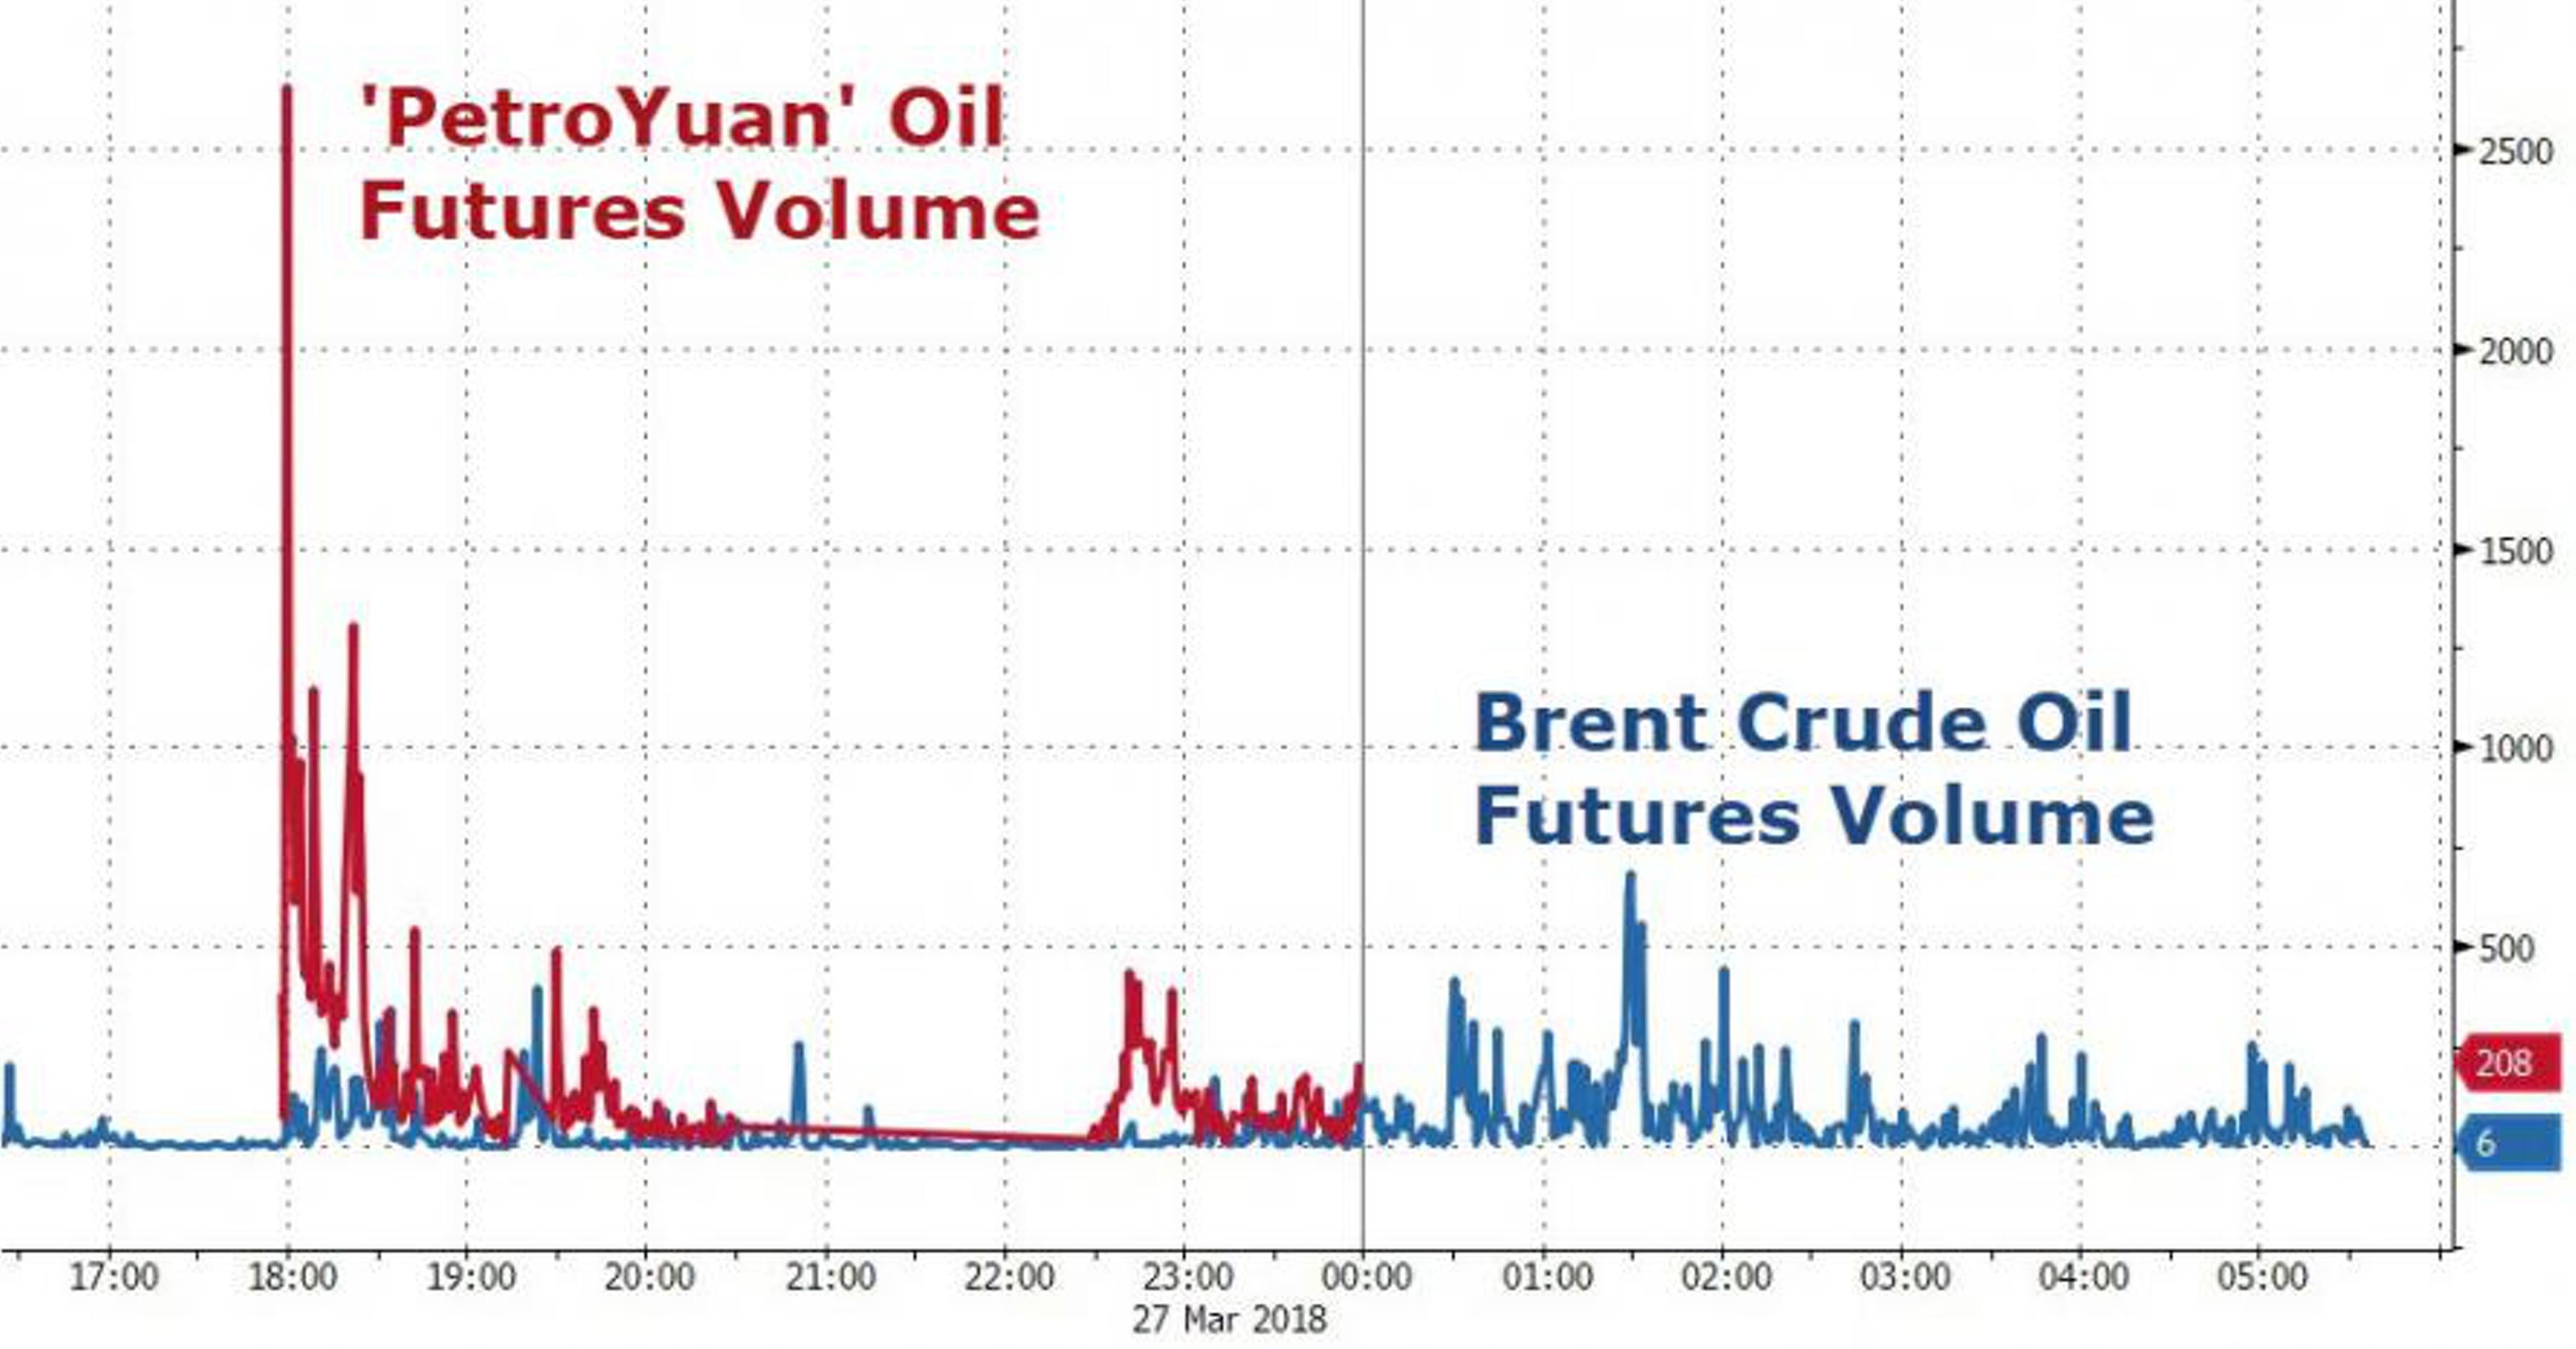 Нефтяные фьючерсы в юанях популярнее, чем Brent